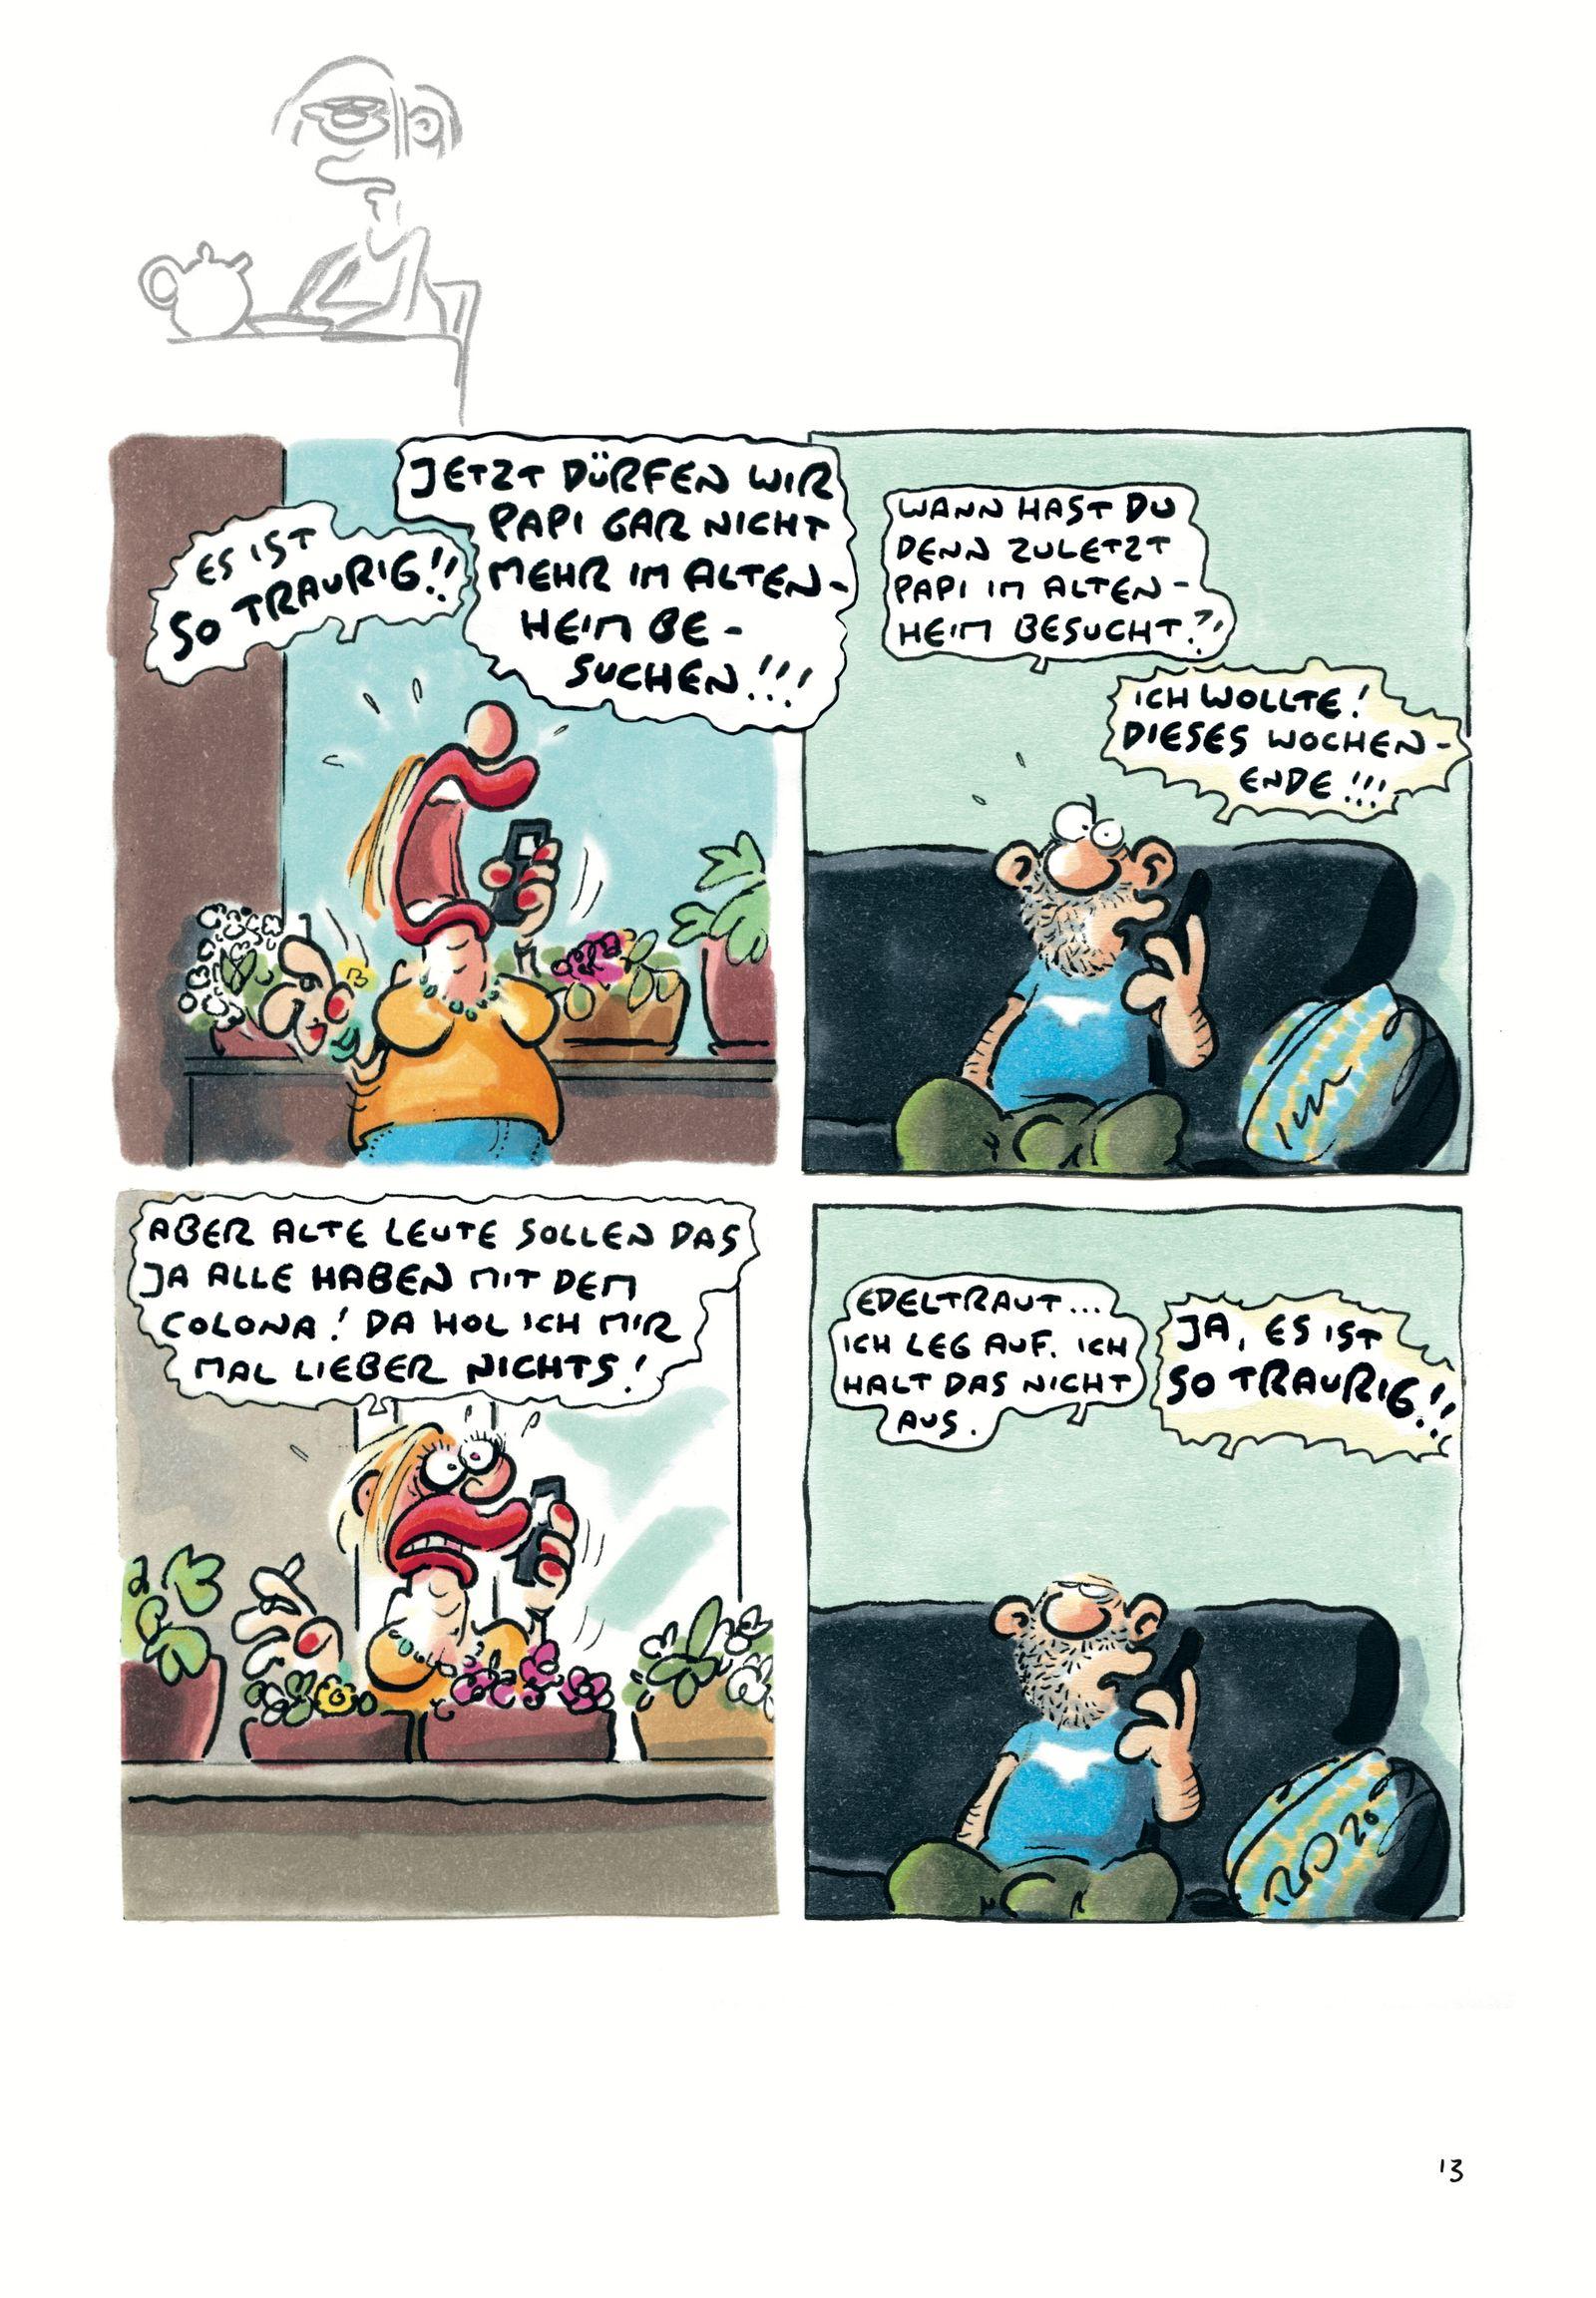 (C)_Ralf_König_Vervirte_Zeiten_Seite_13_BI_MOTE_978-3-498-00211-4_JPGs_013